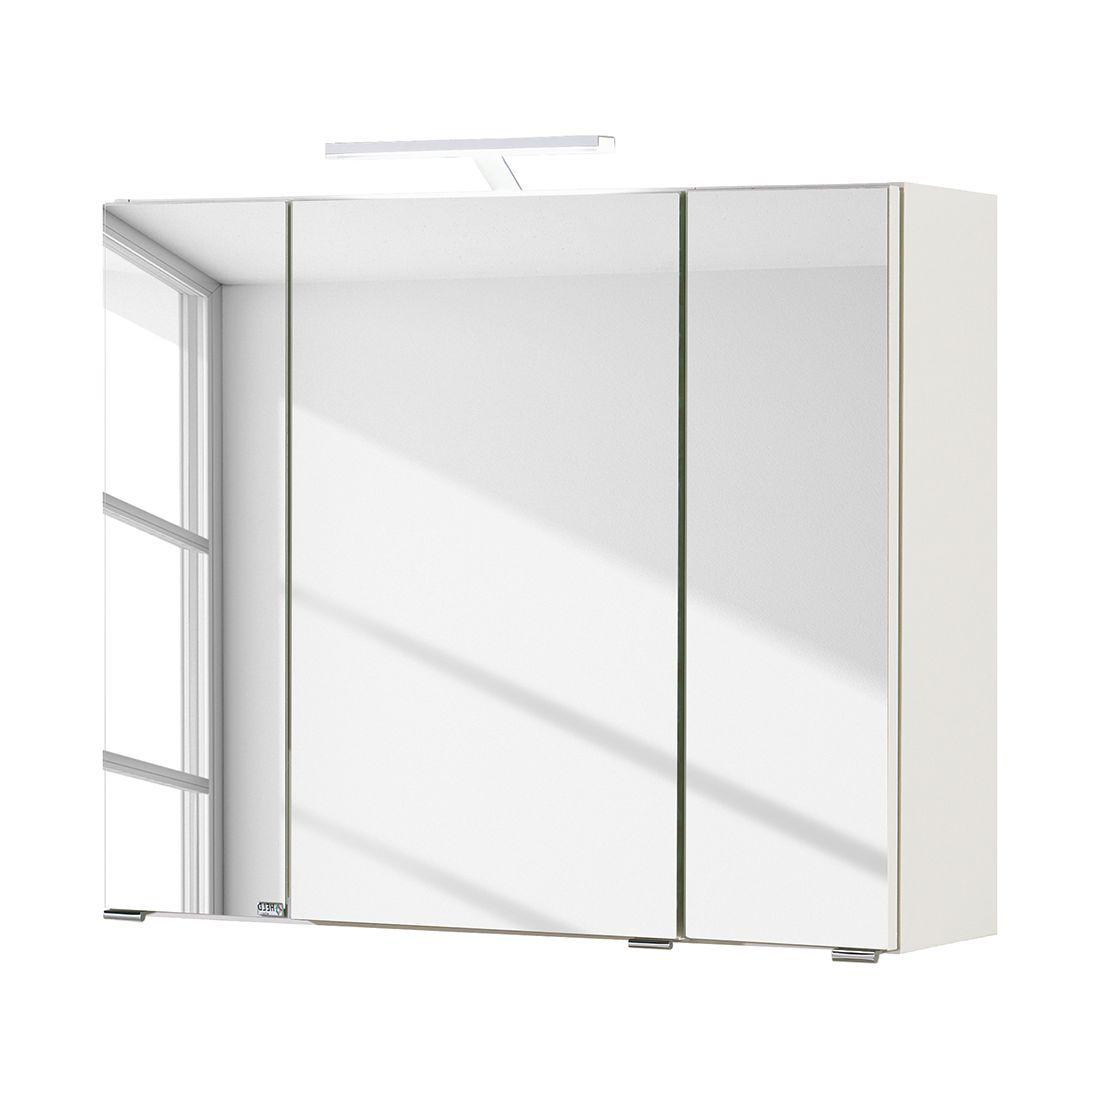 Badmobel Schwarz Weiss Hochglanz Spiegelschrank Badezimmer Gunstig Badmobel Set Mit Waschtisch 80 Cm Ba Spiegelschrank Badezimmer Gunstig Waschtisch 80 Cm